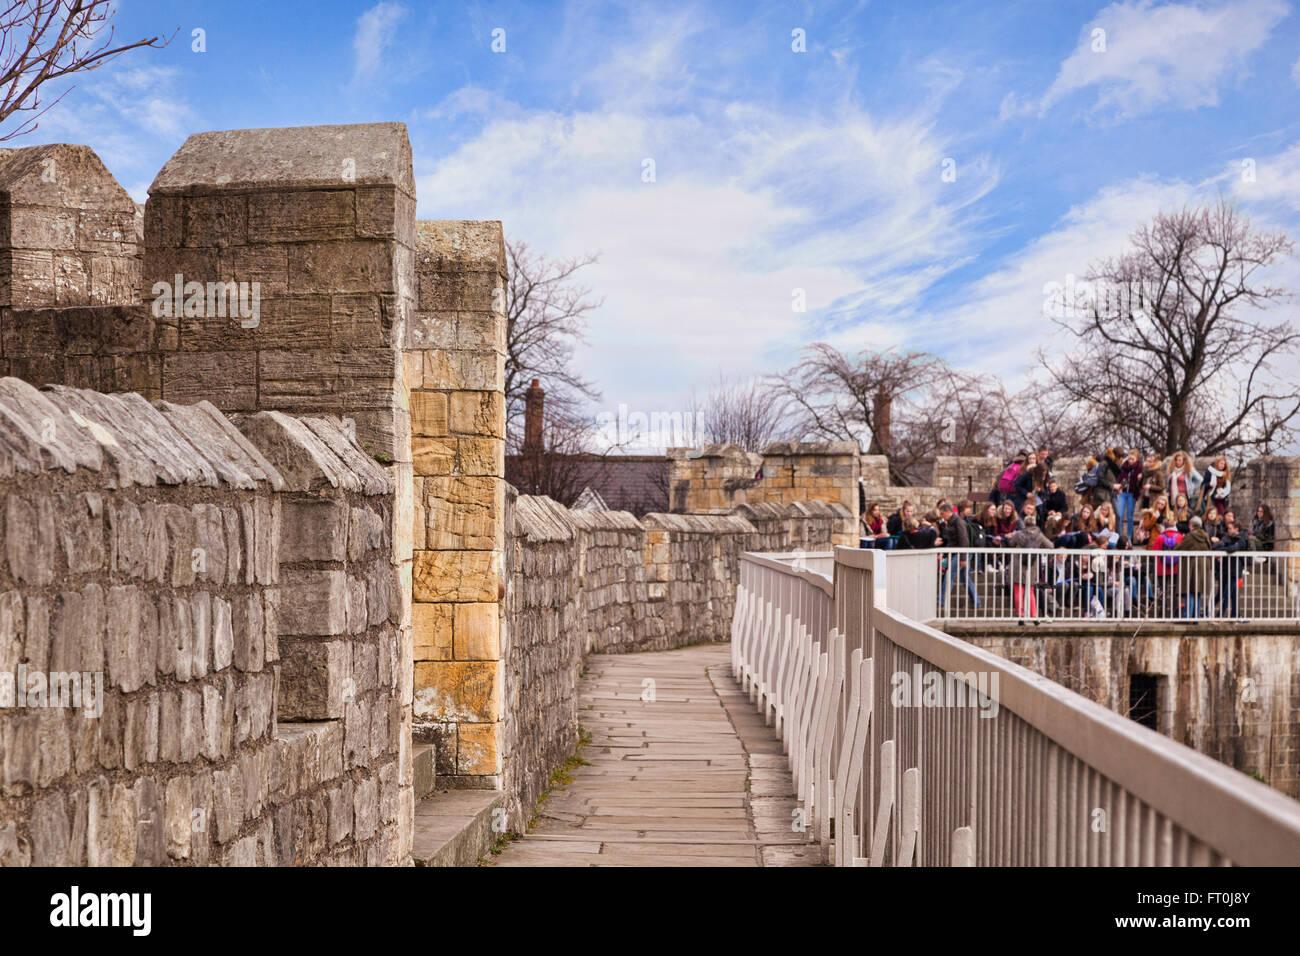 Vue le long des murs de la ville de New York, York, North Yorkshire, Angleterre, Royaume-Uni Photo Stock